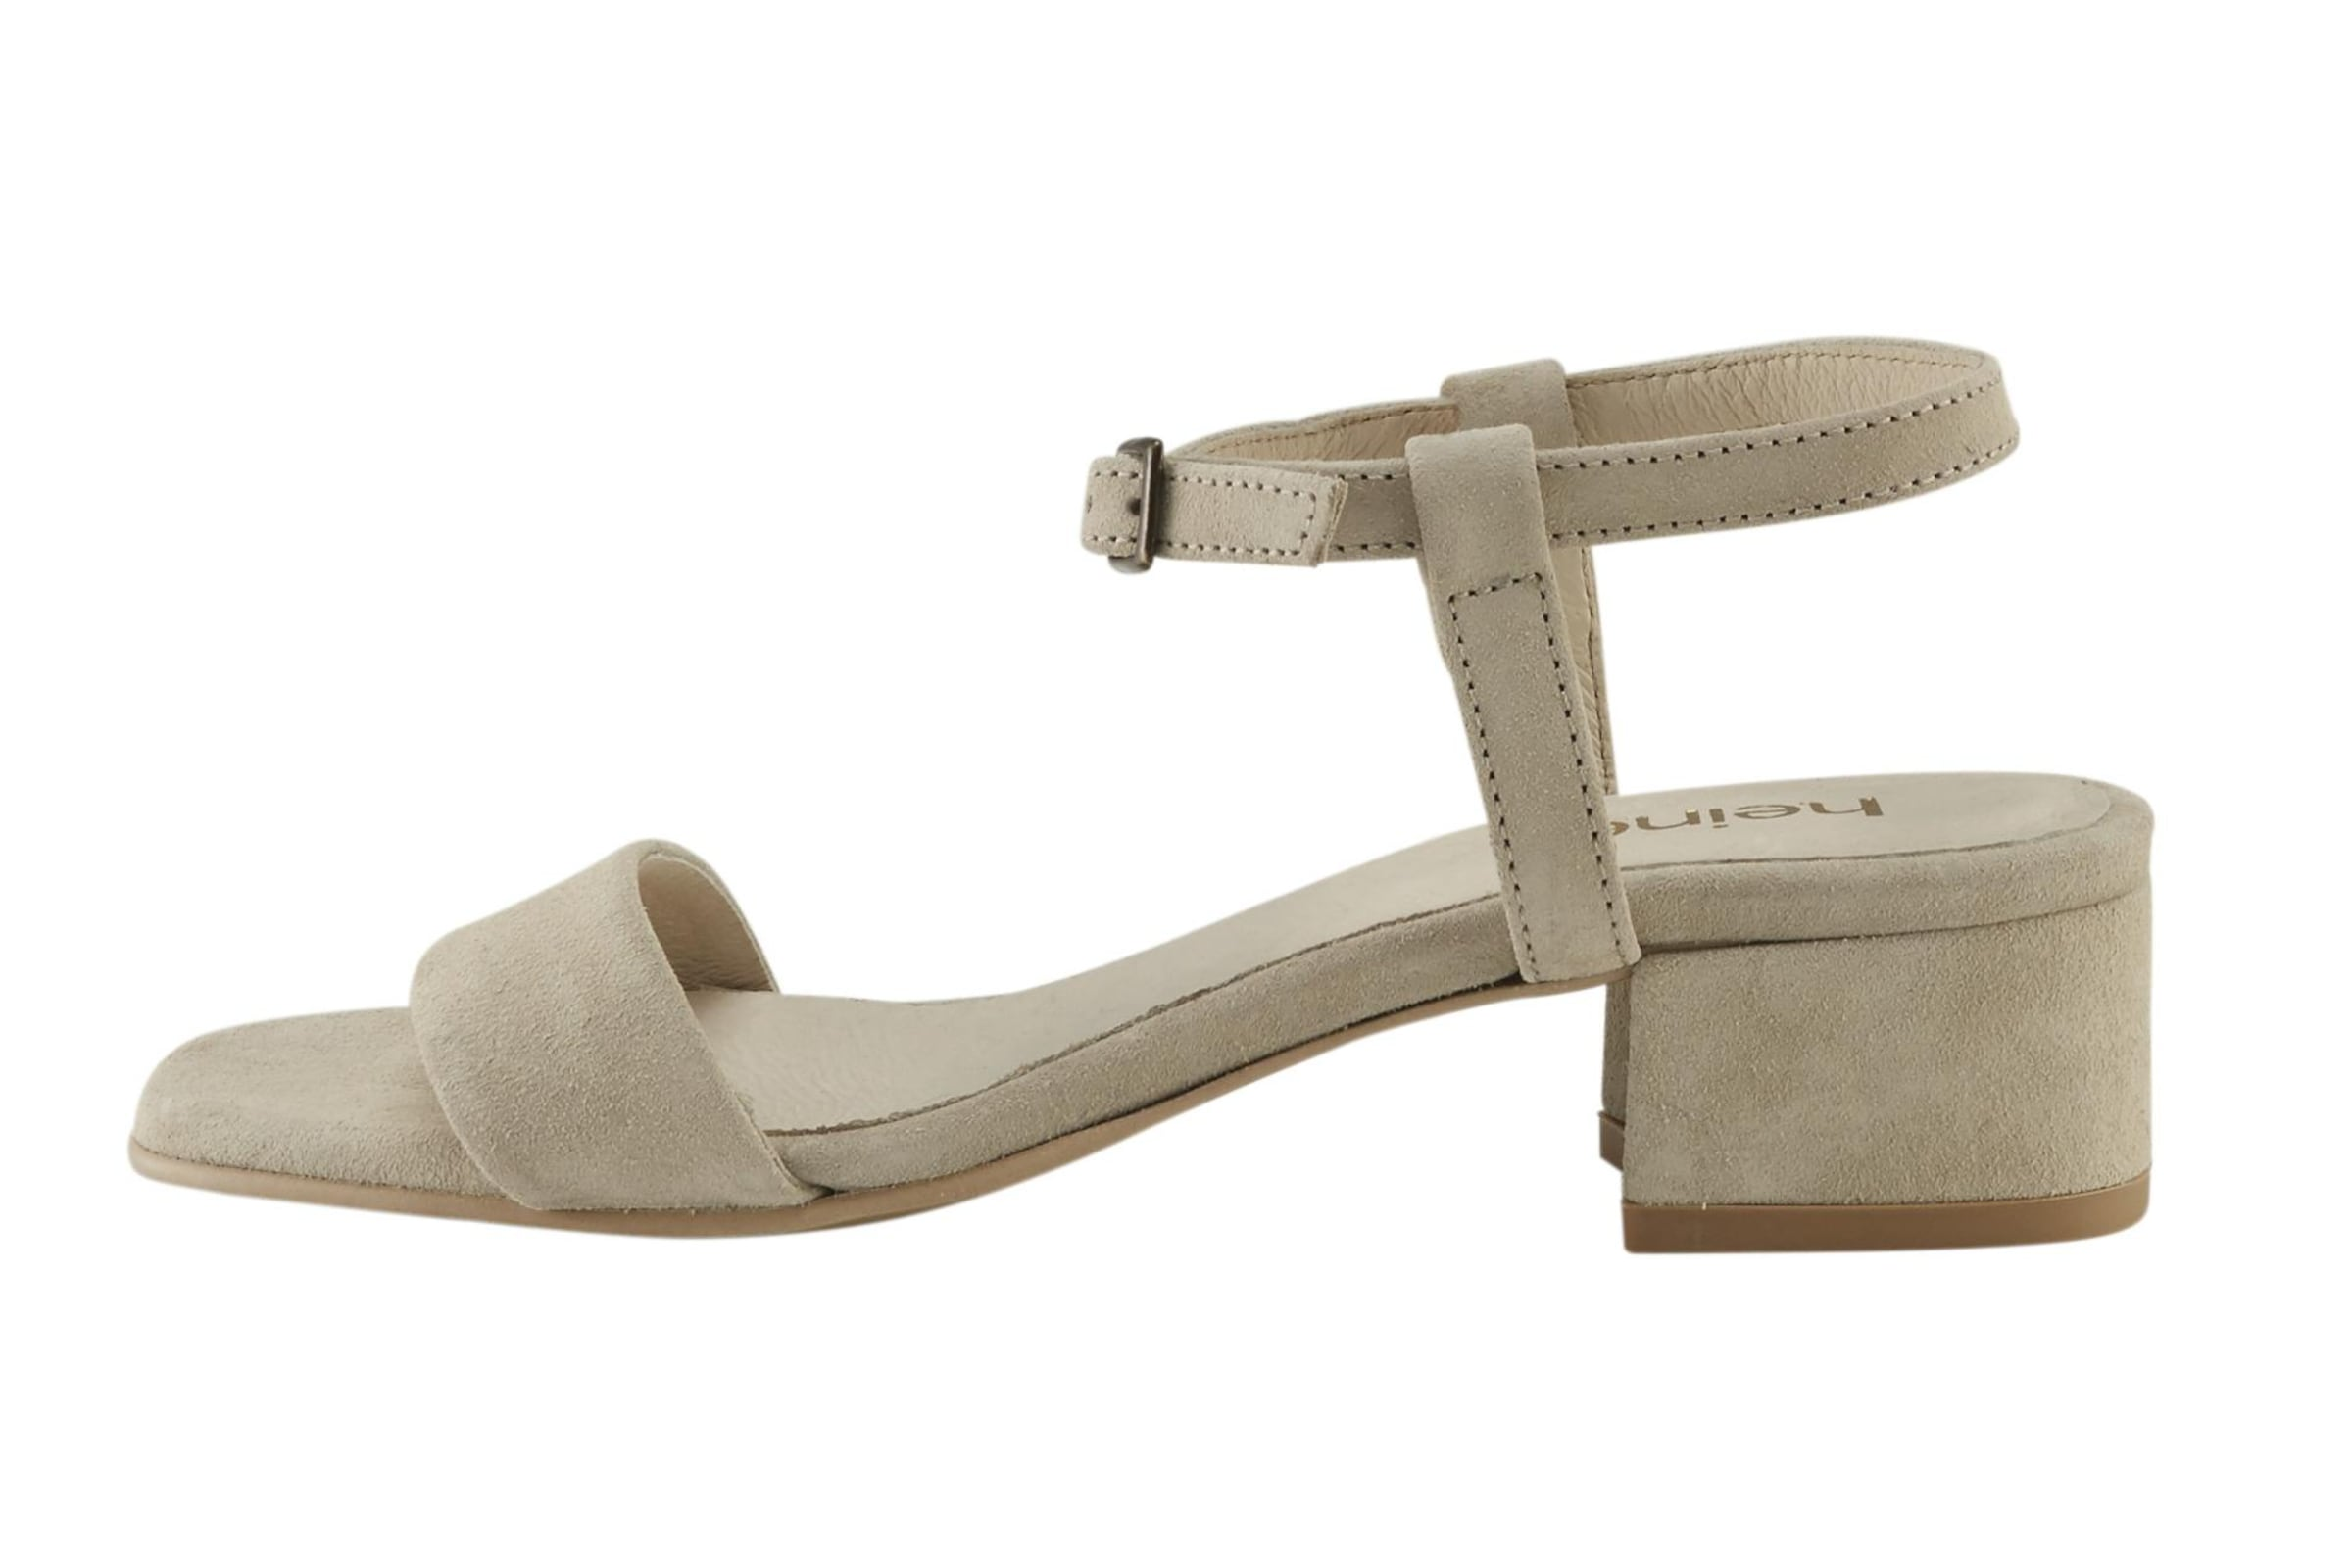 Sandalette Sandalette In Heine Heine In Beige Y6gy7fbv